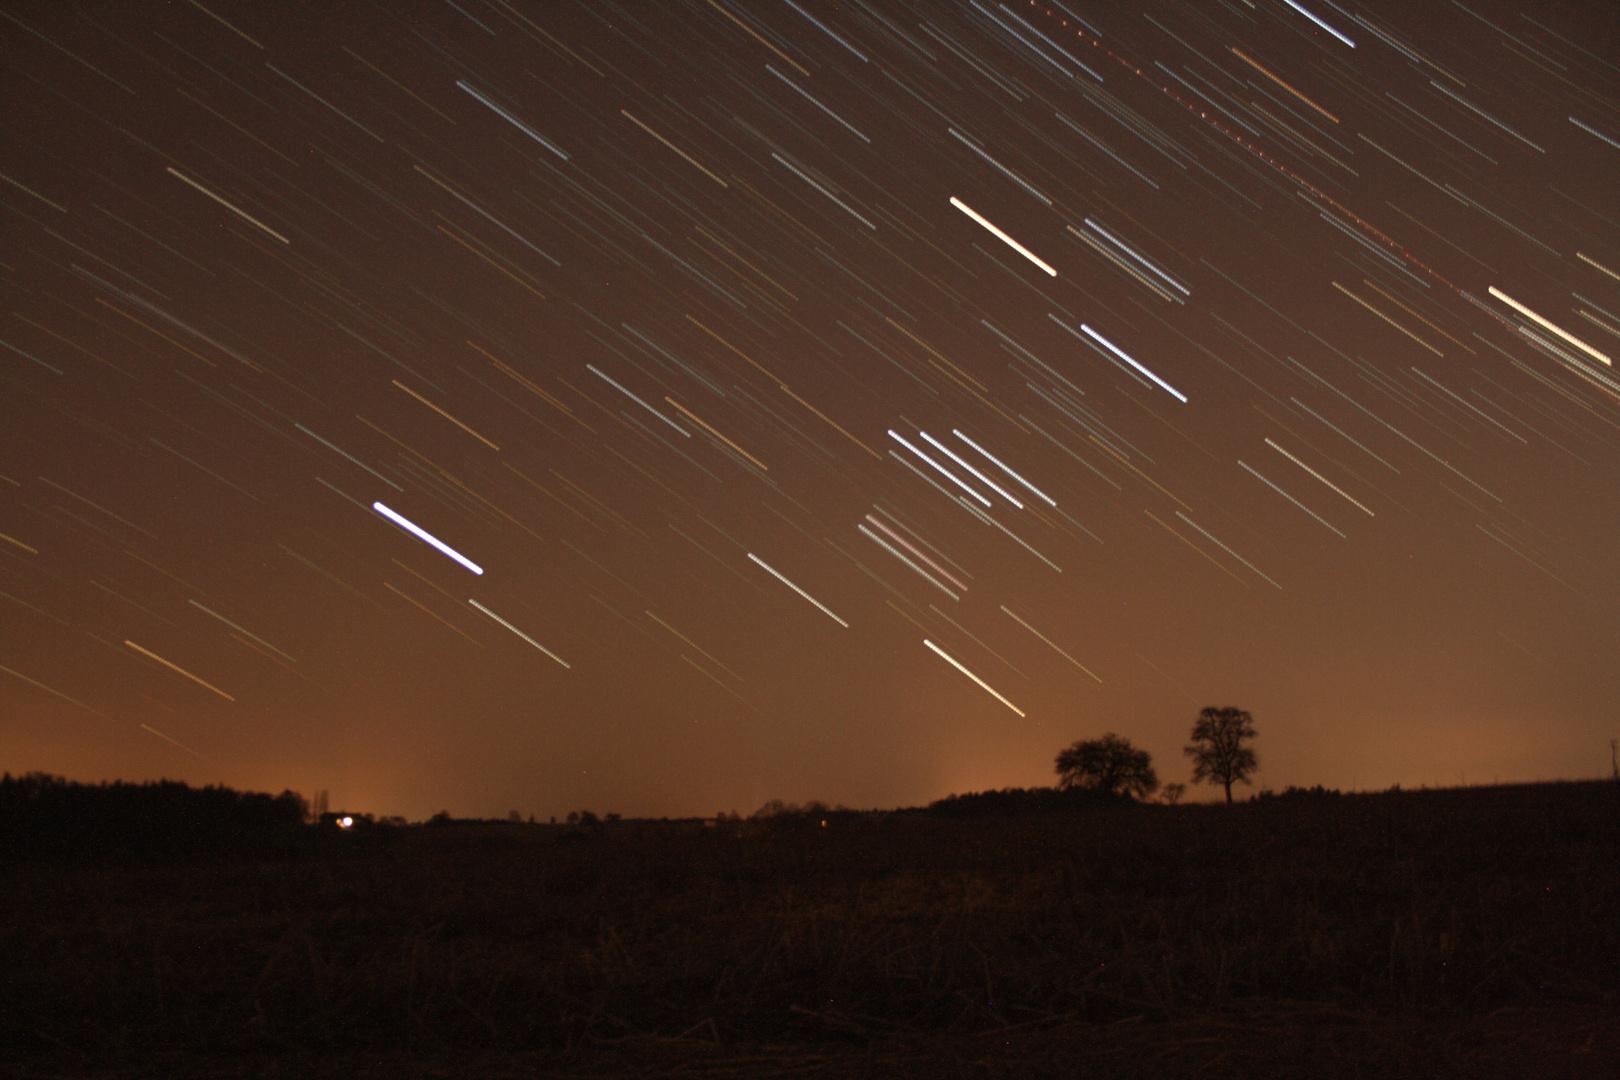 Strichspur - Orion